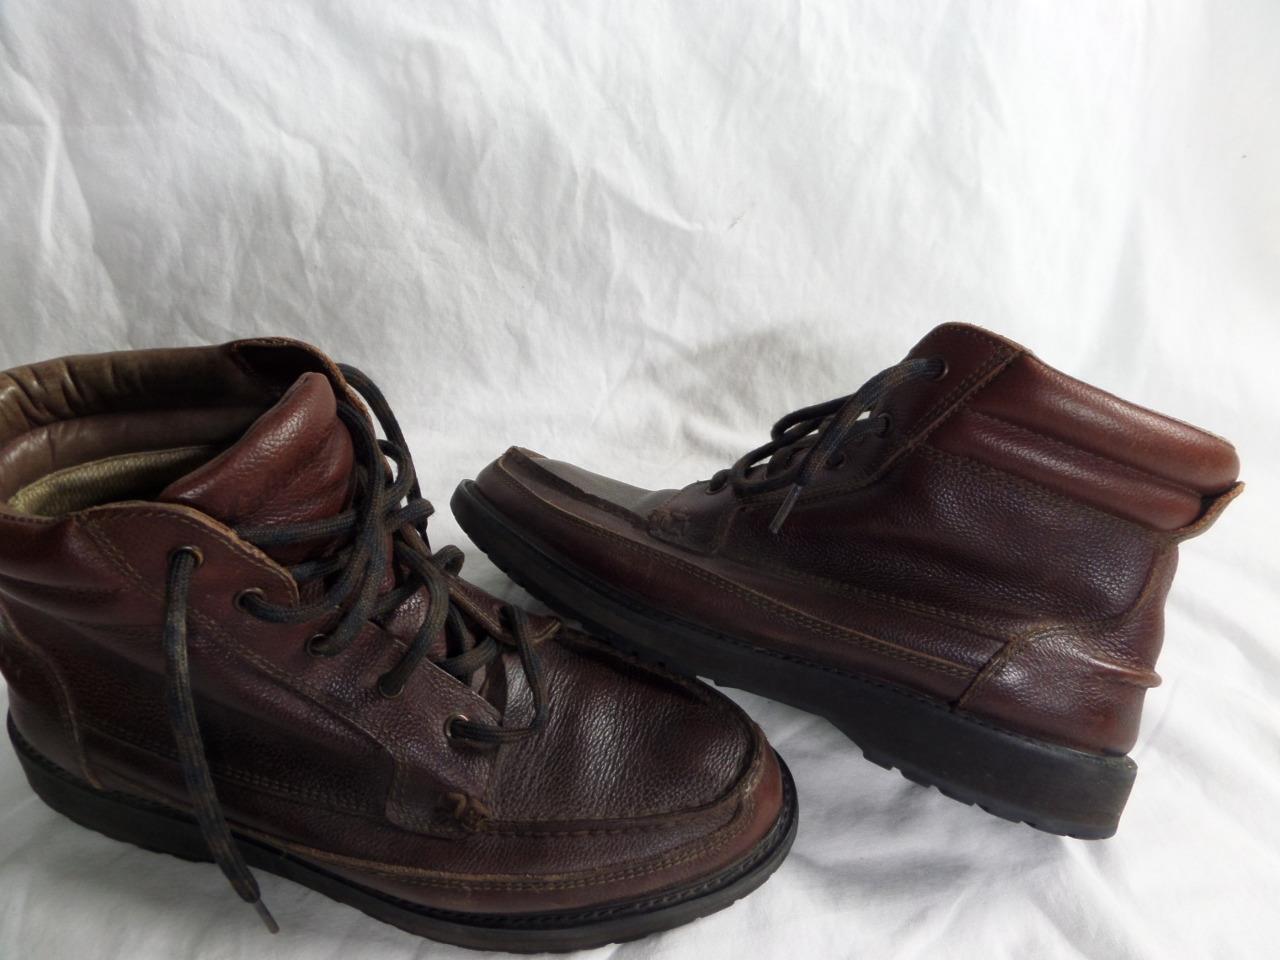 De Colección CABELAS GORE-TEX botas De Cuero Marrón 11 d trabajo de caza